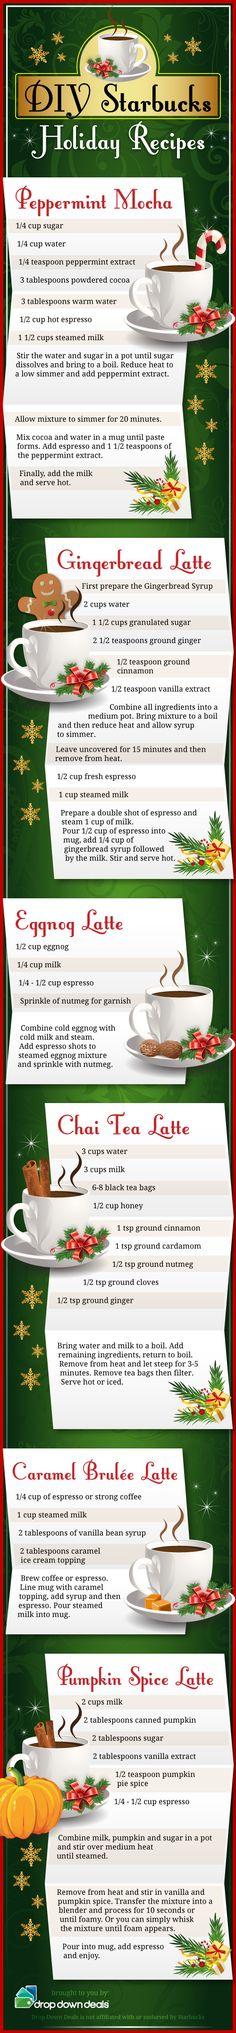 DIY Starbucks holiday drink recipes